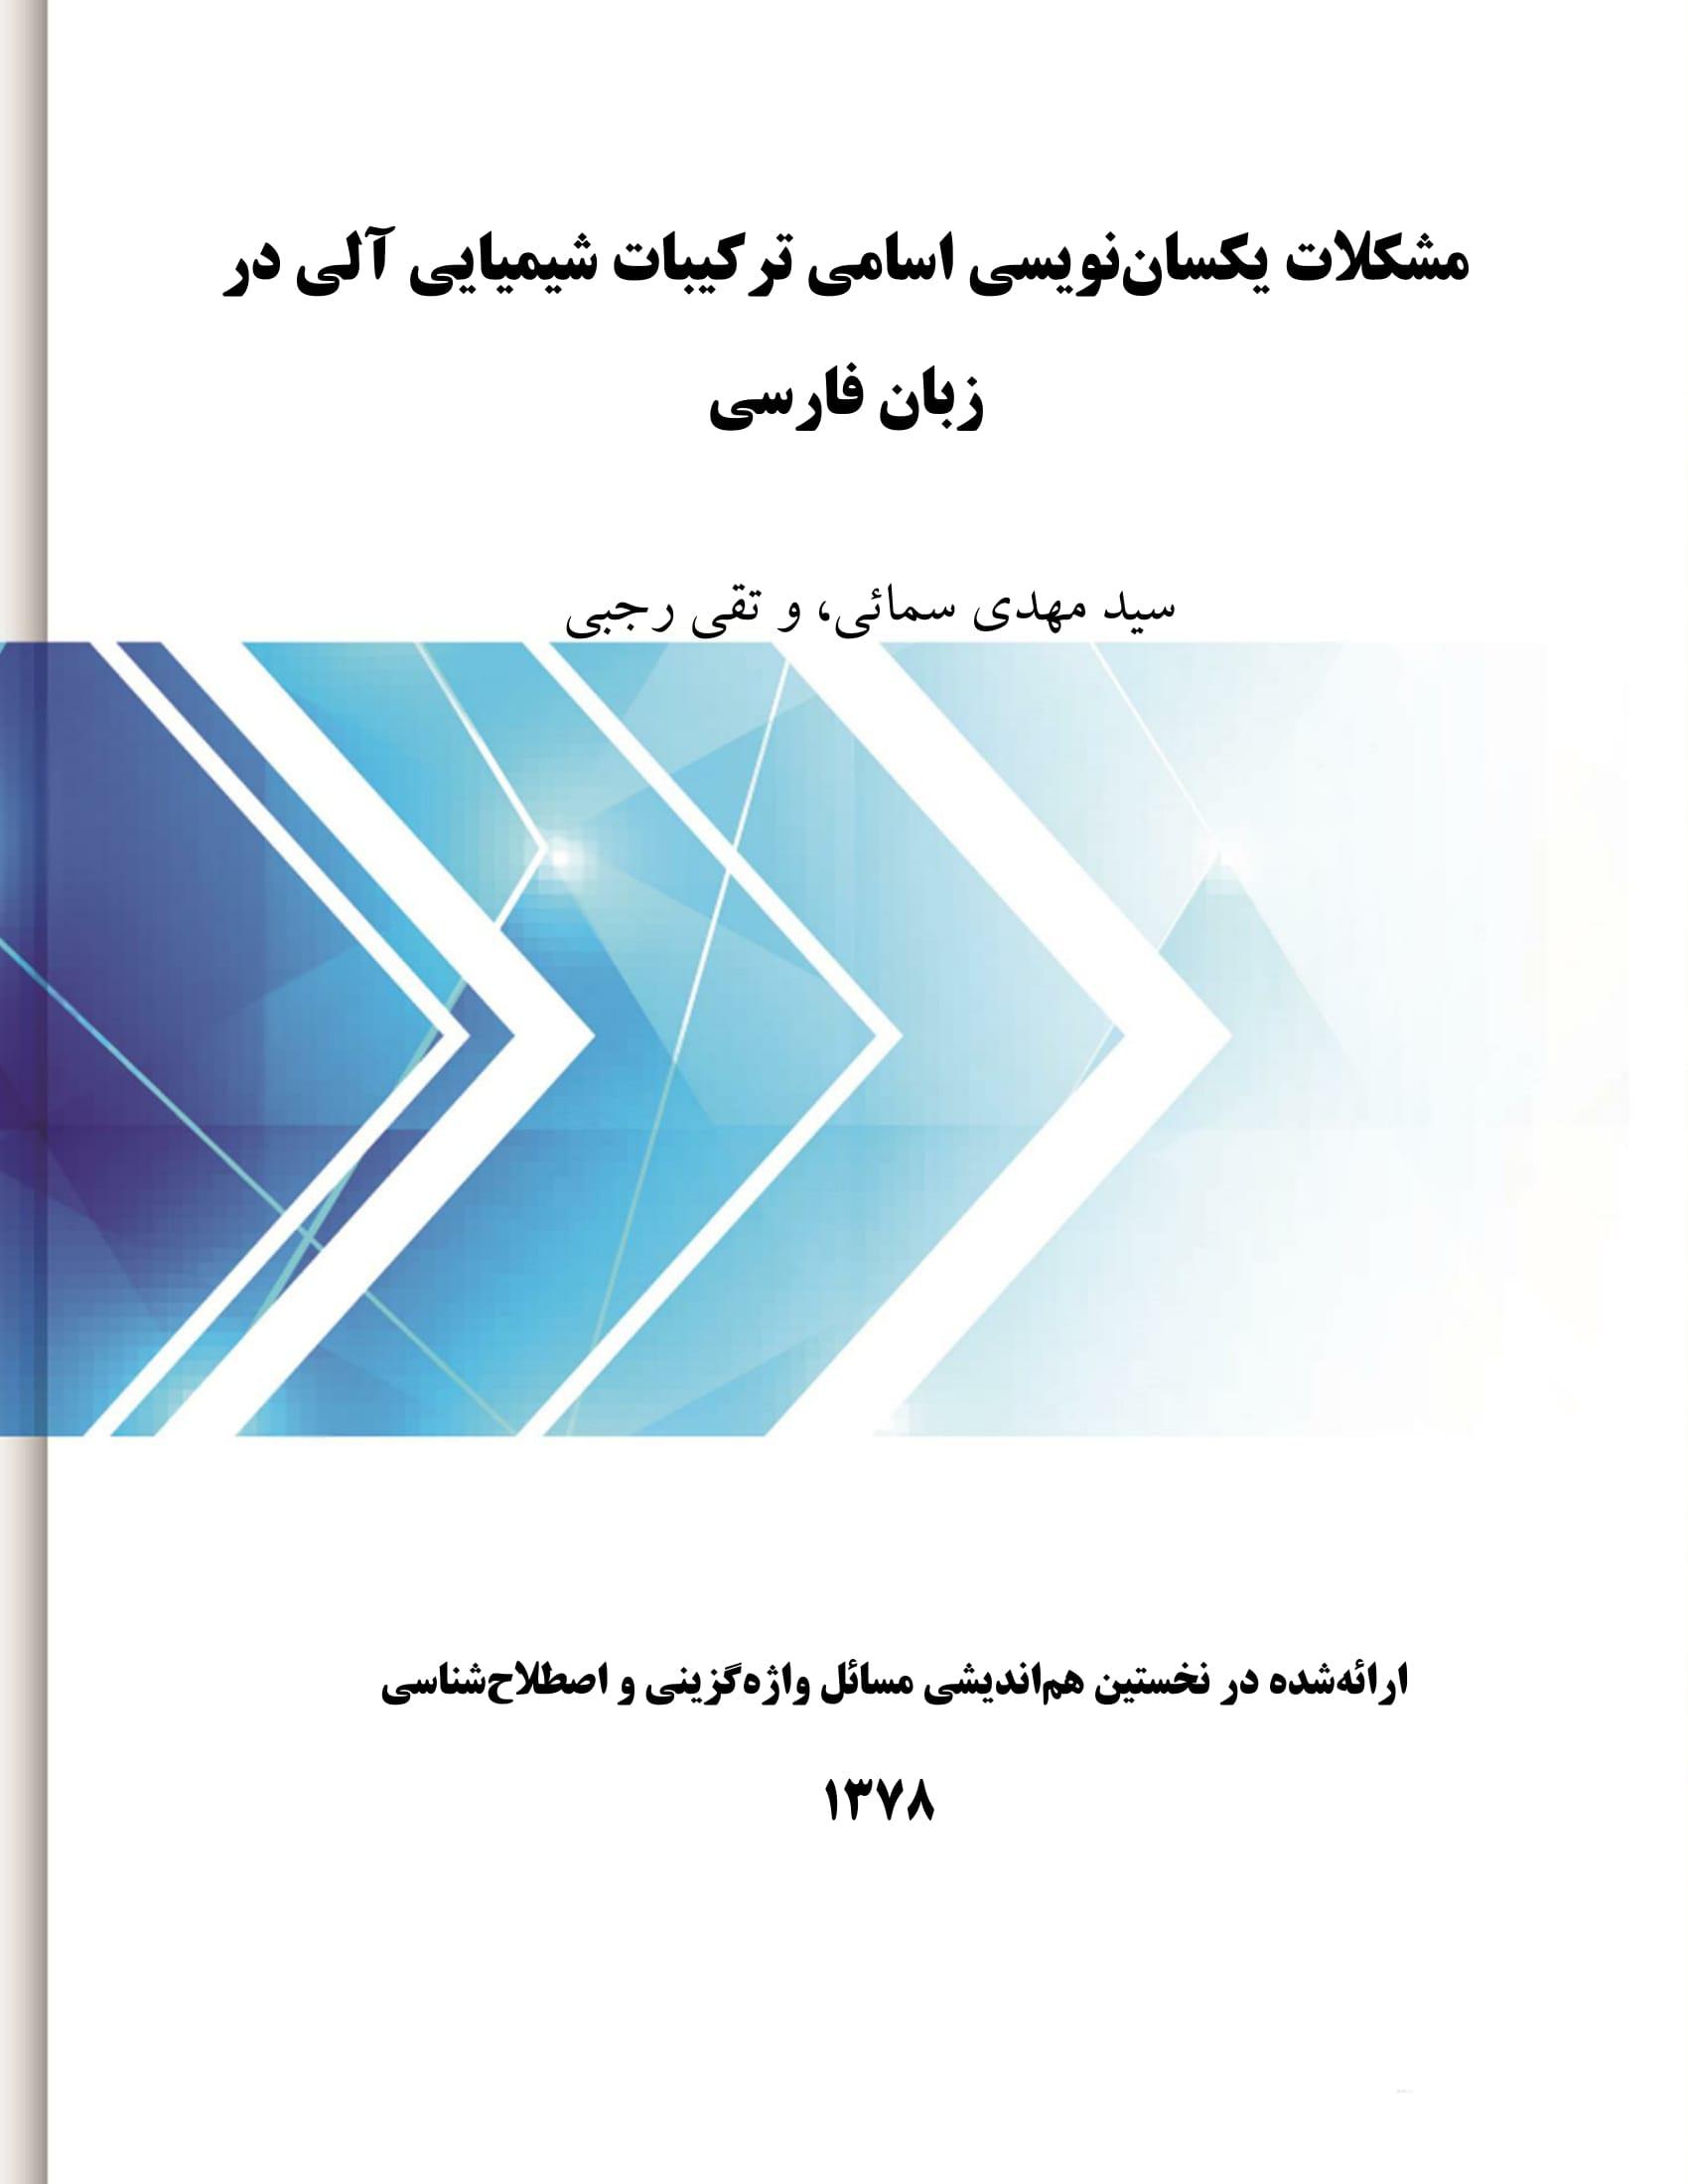 مشکلات یکساننویسی اسامی ترکیبات شیمیایی آلی در زبان فارسی